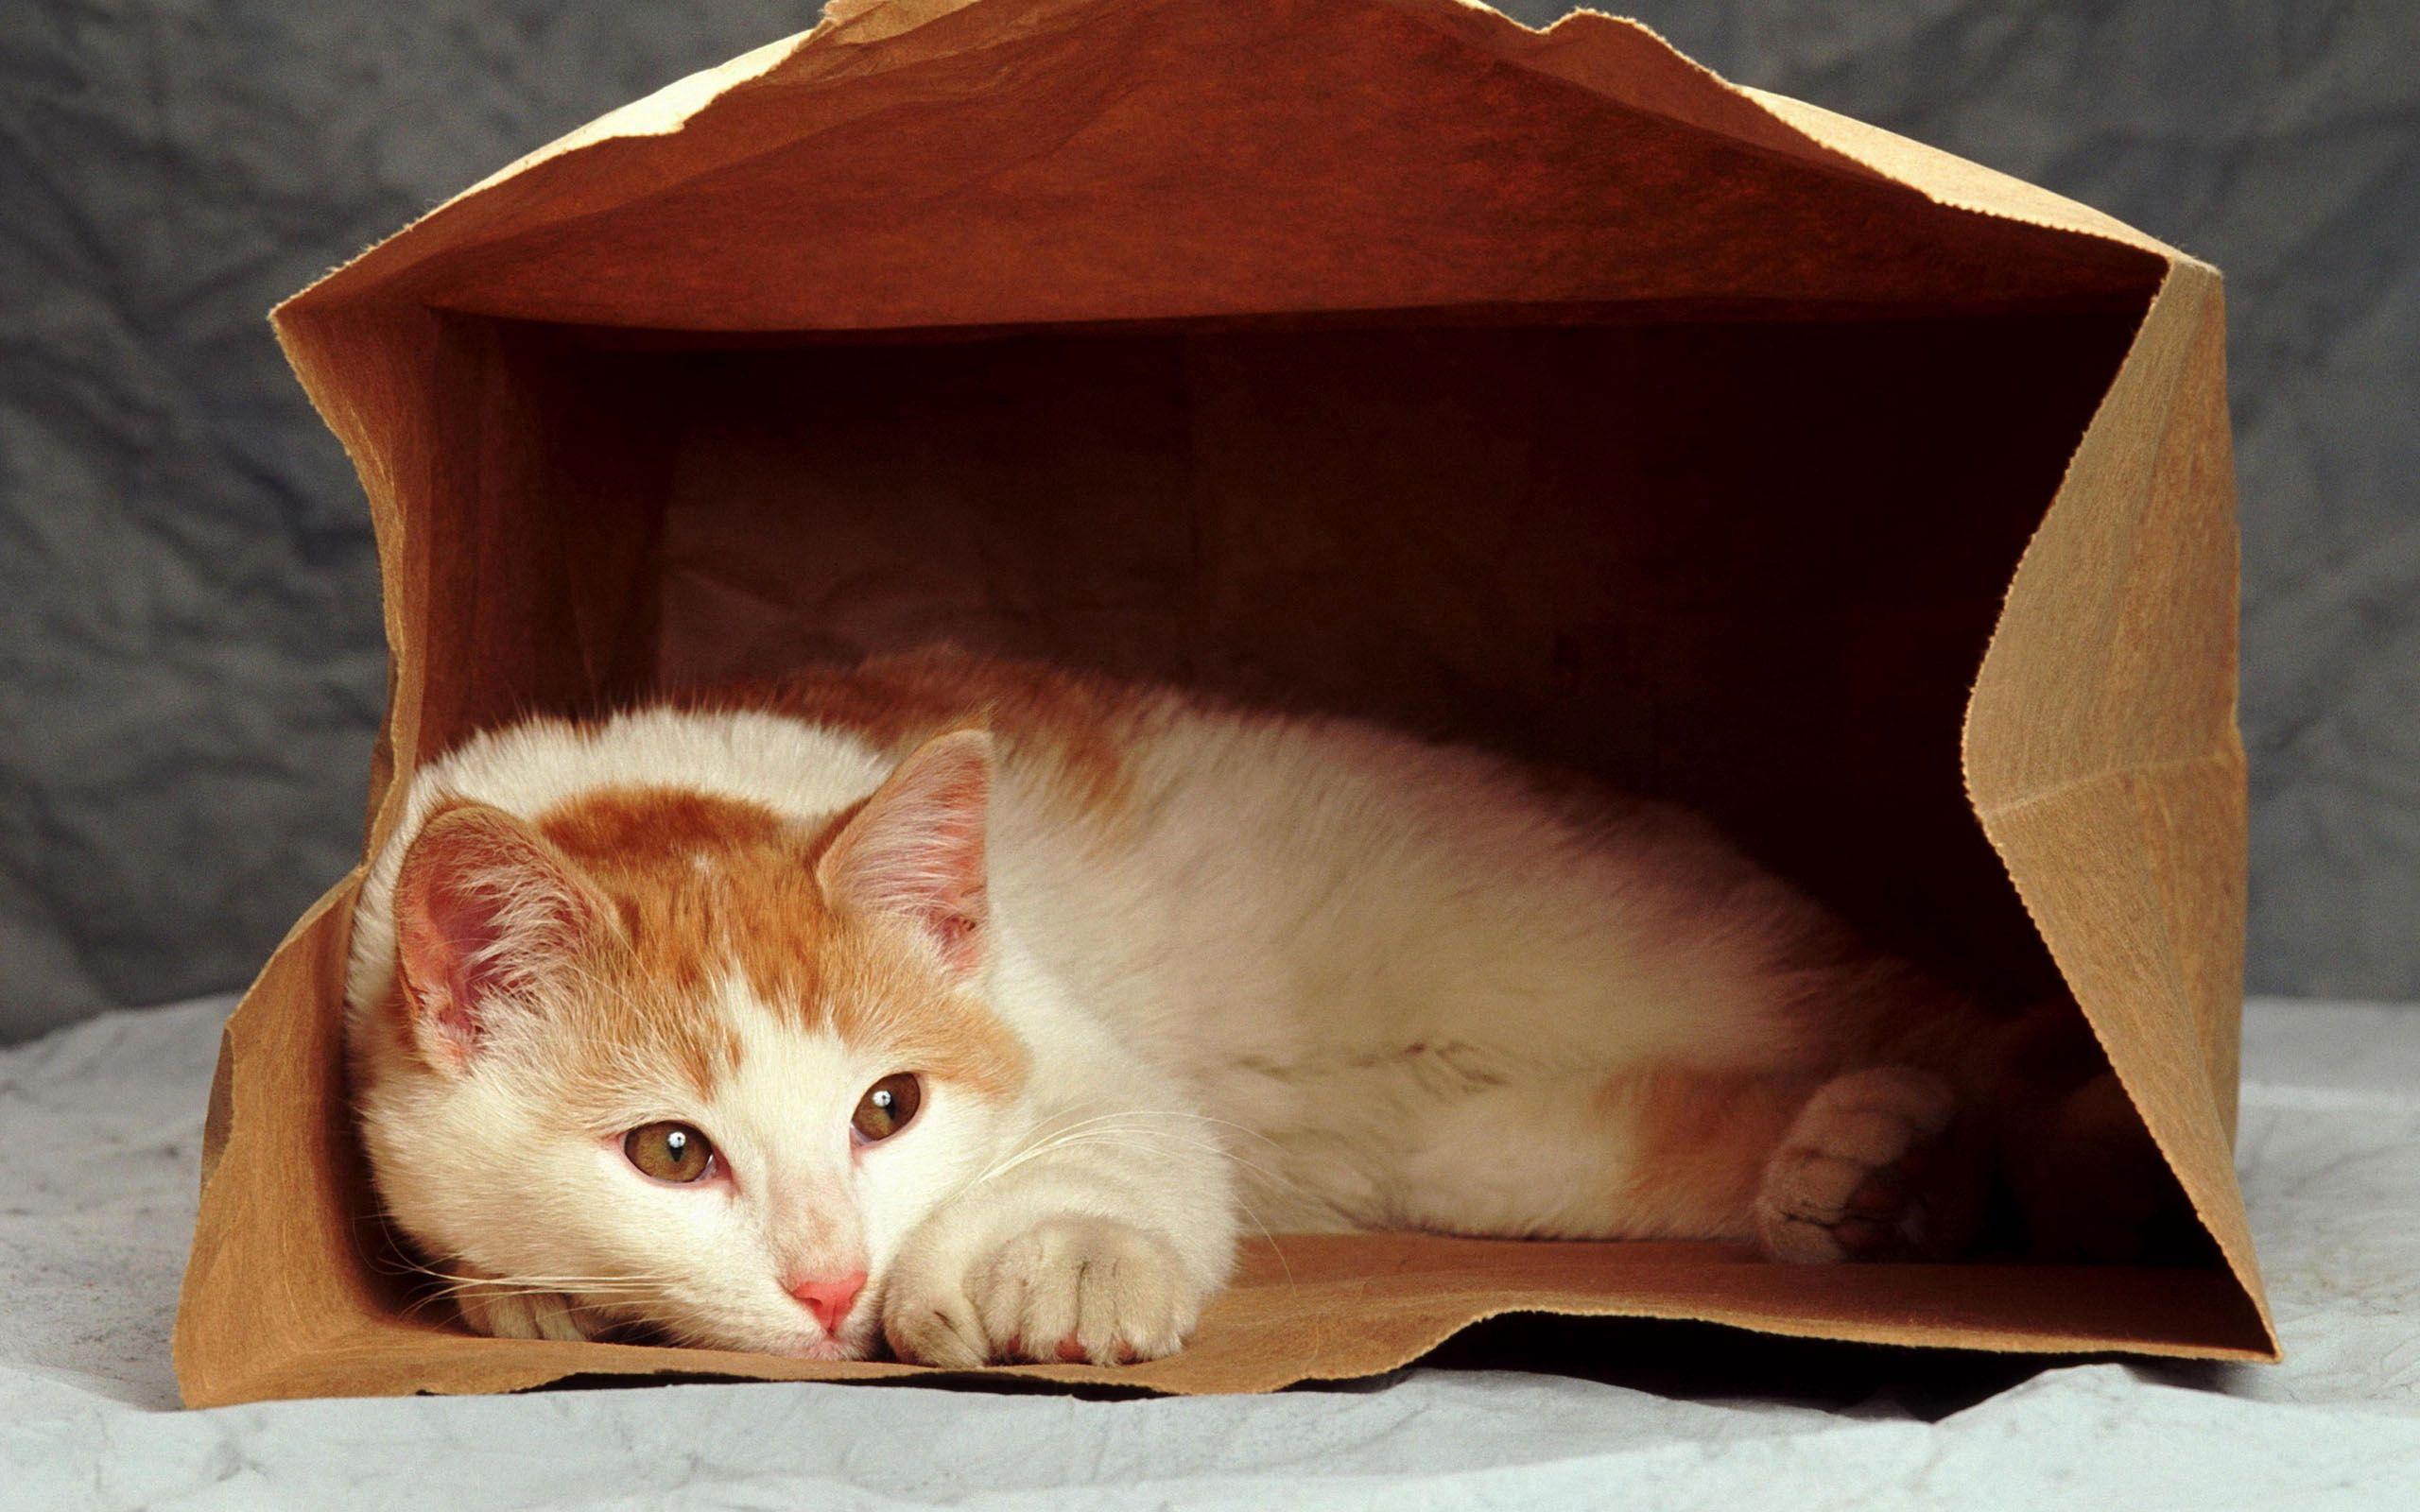 134871 скачать обои Животные, Кот, Грусть, Лежать, Пакет - заставки и картинки бесплатно